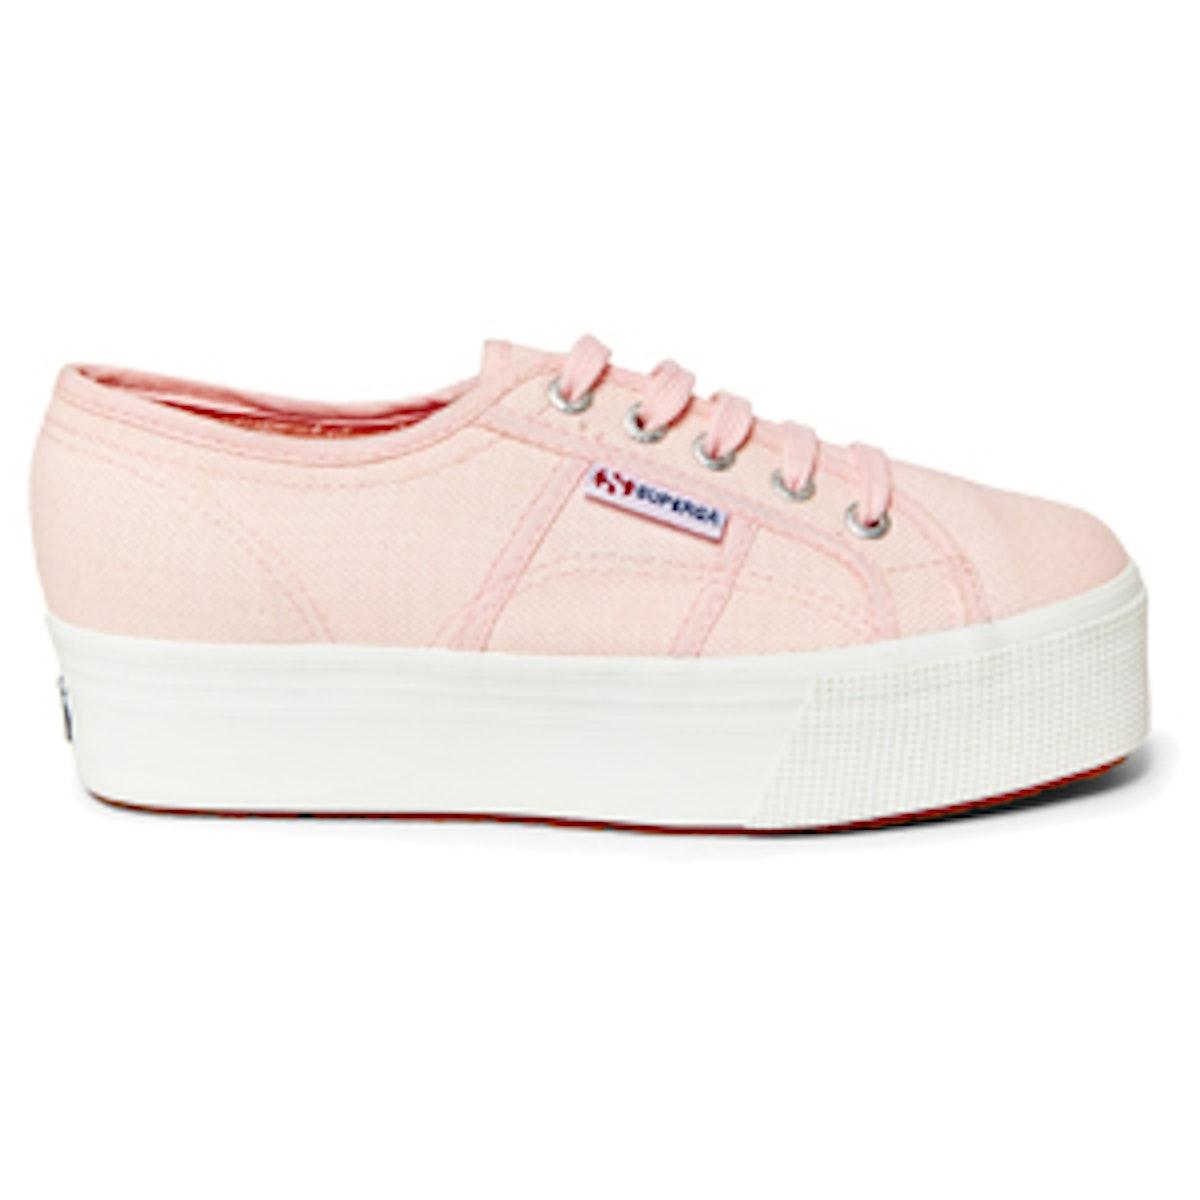 2790 Acotw in Pink